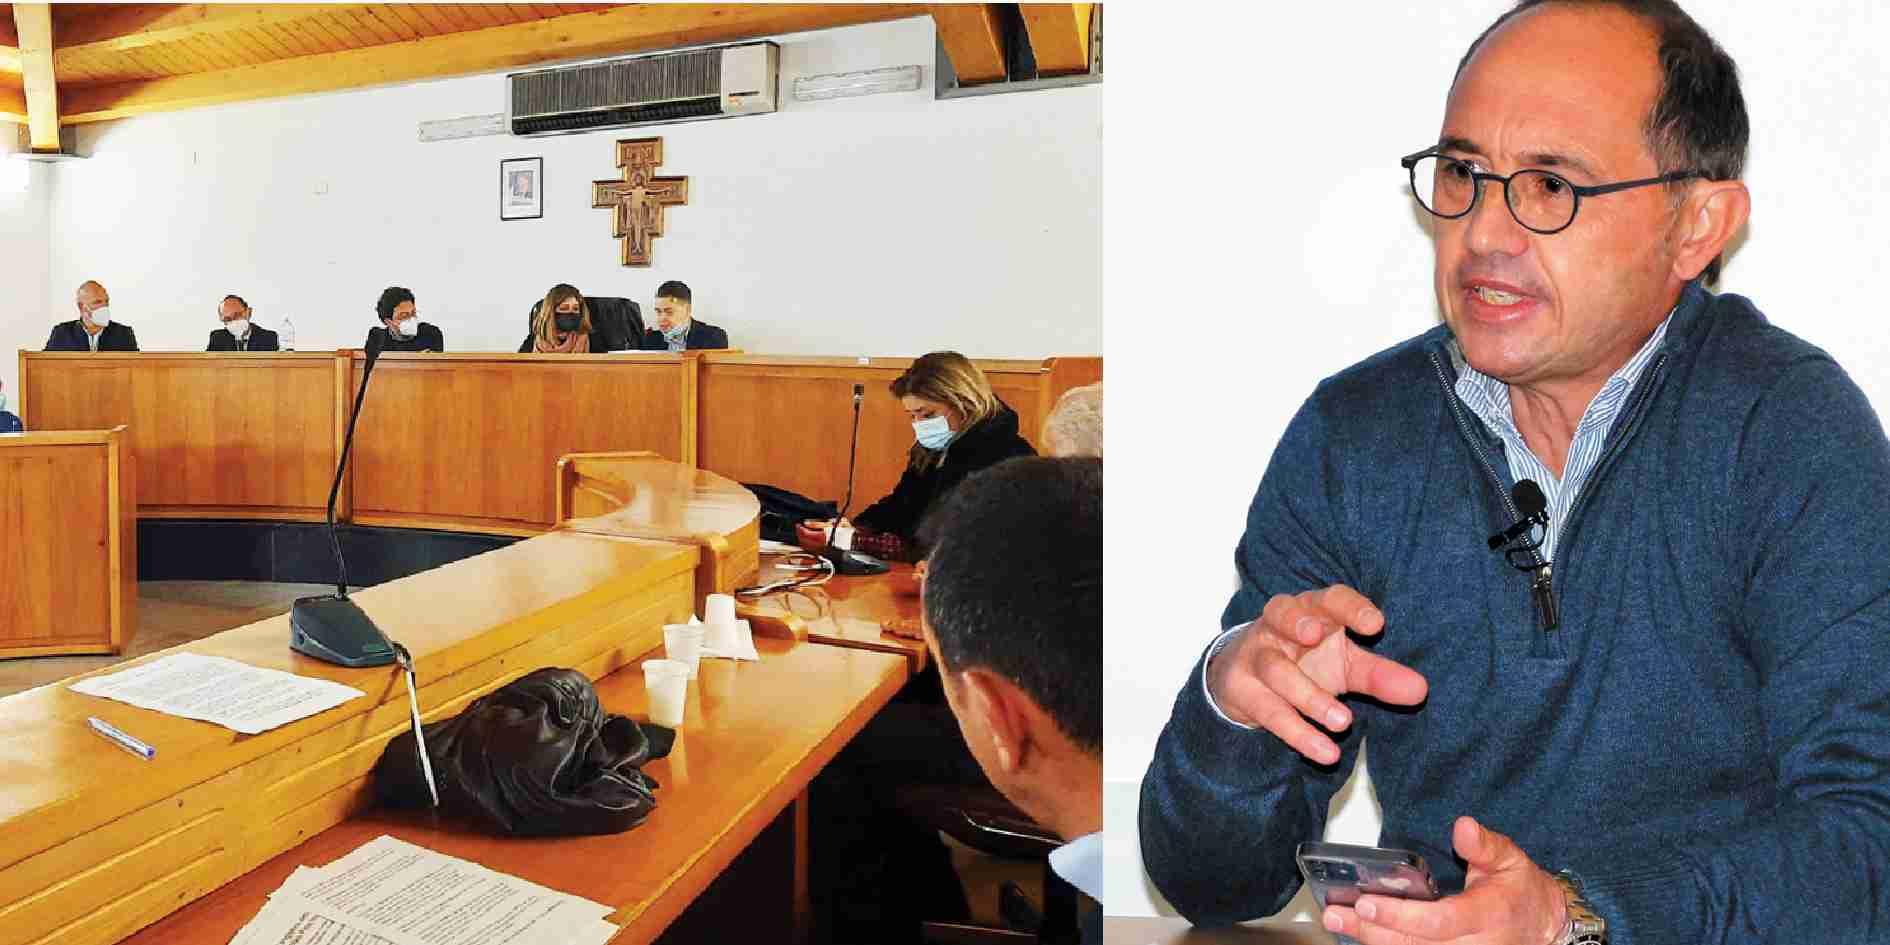 Mozione di sfiducia, rinviata al 13 maggio la decisione sul ricorso di Pippo Incatasciato